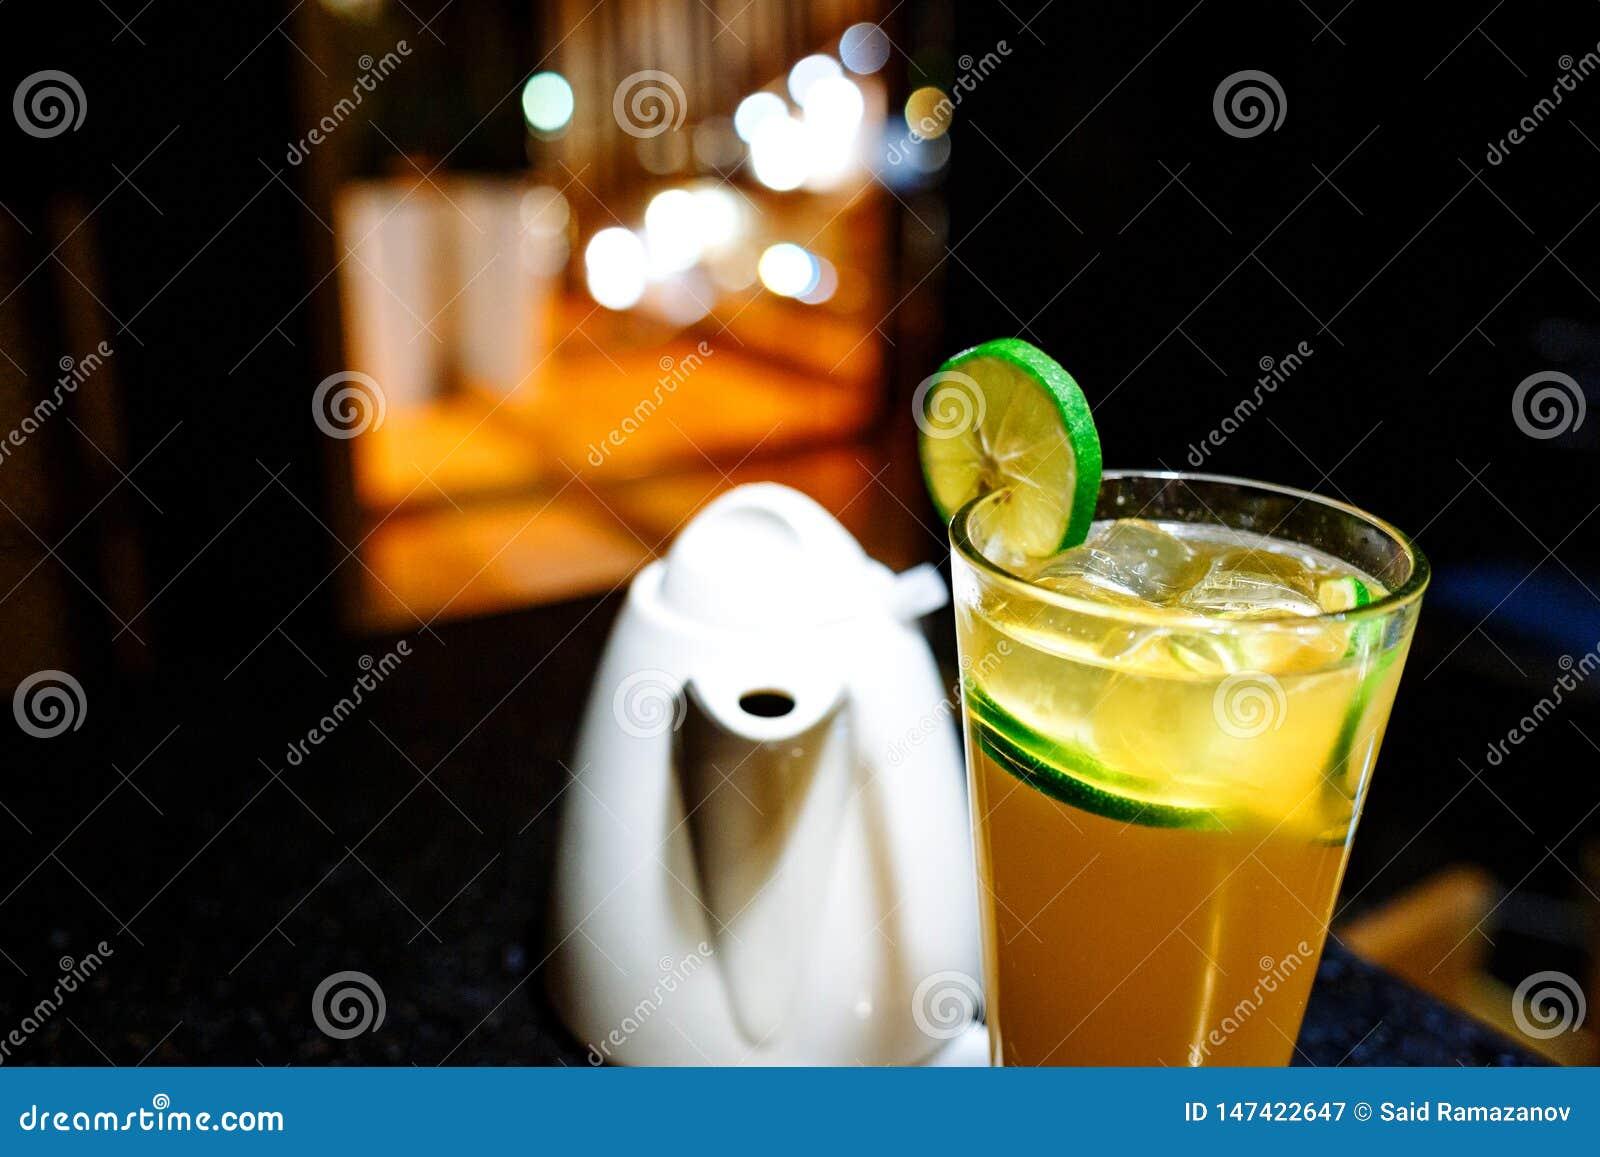 Orange Cocktail mit Kalk und Teekanne auf dunklem Hintergrund